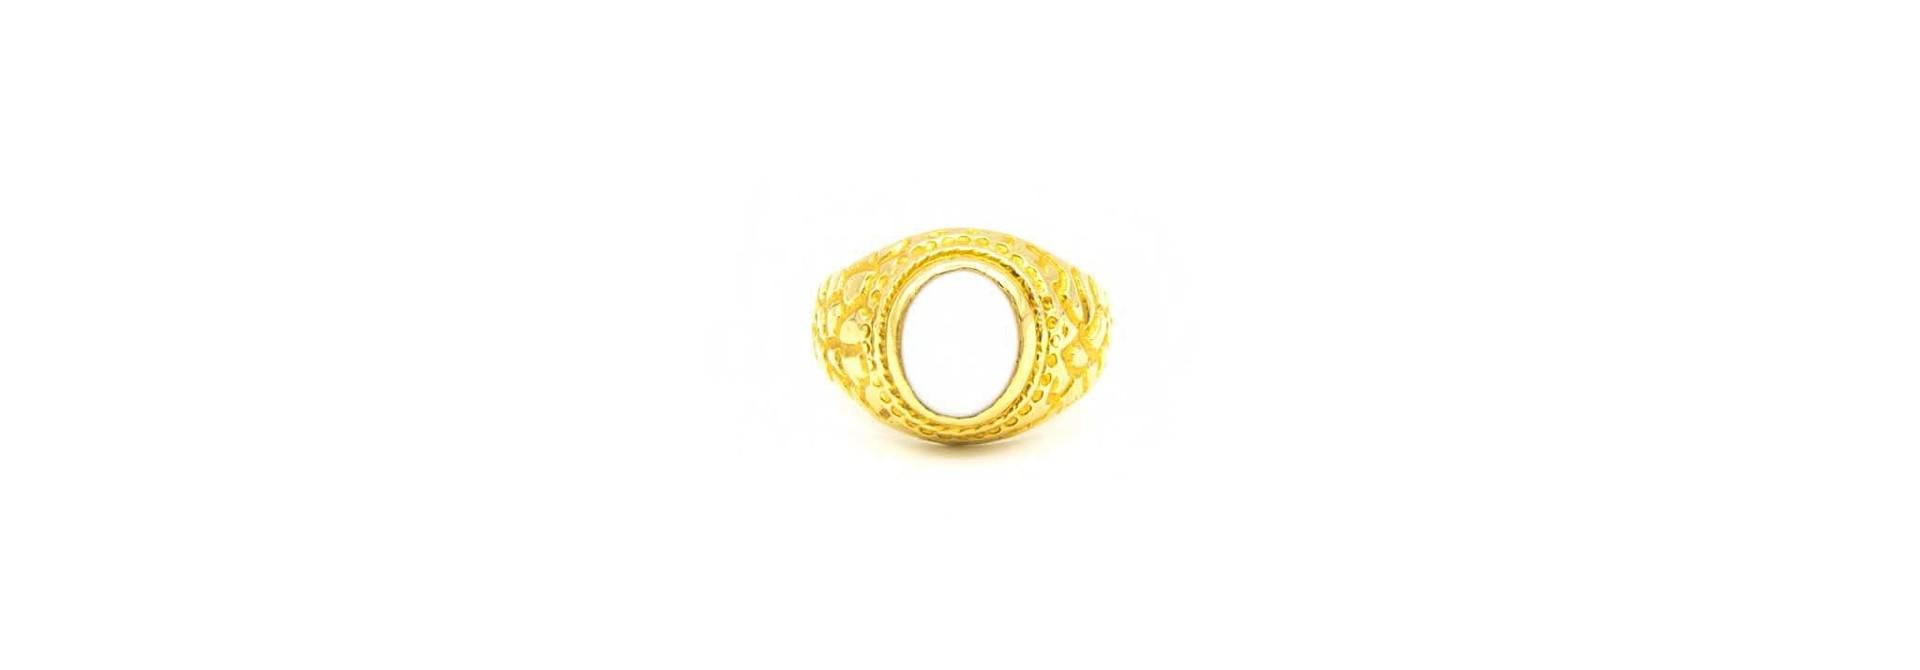 Ring met bewerkte zijkanten en ovale witte steen